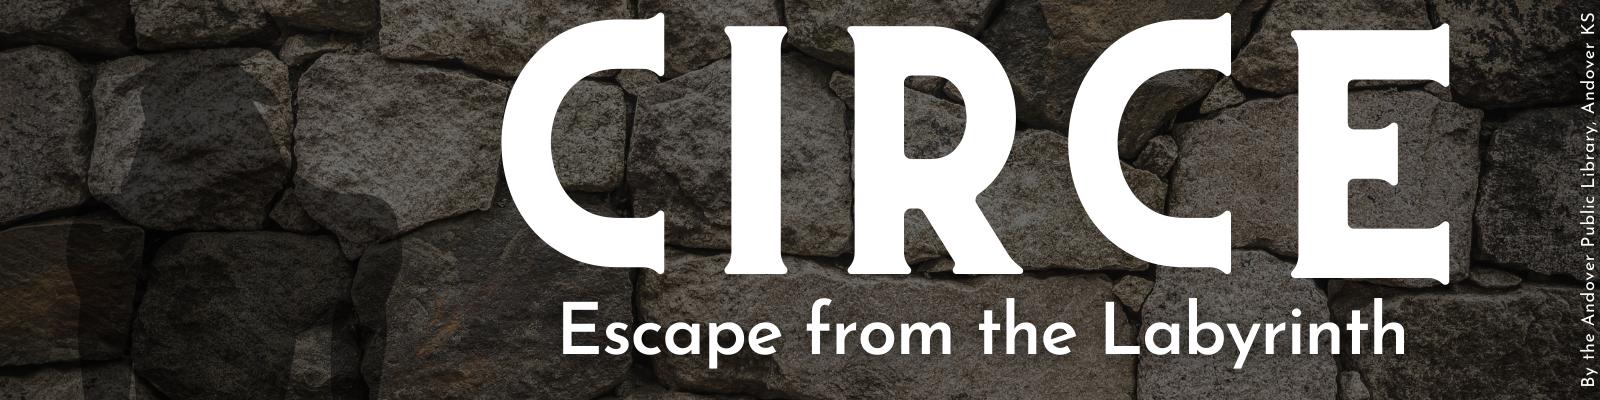 Copy of Circe Escape Room